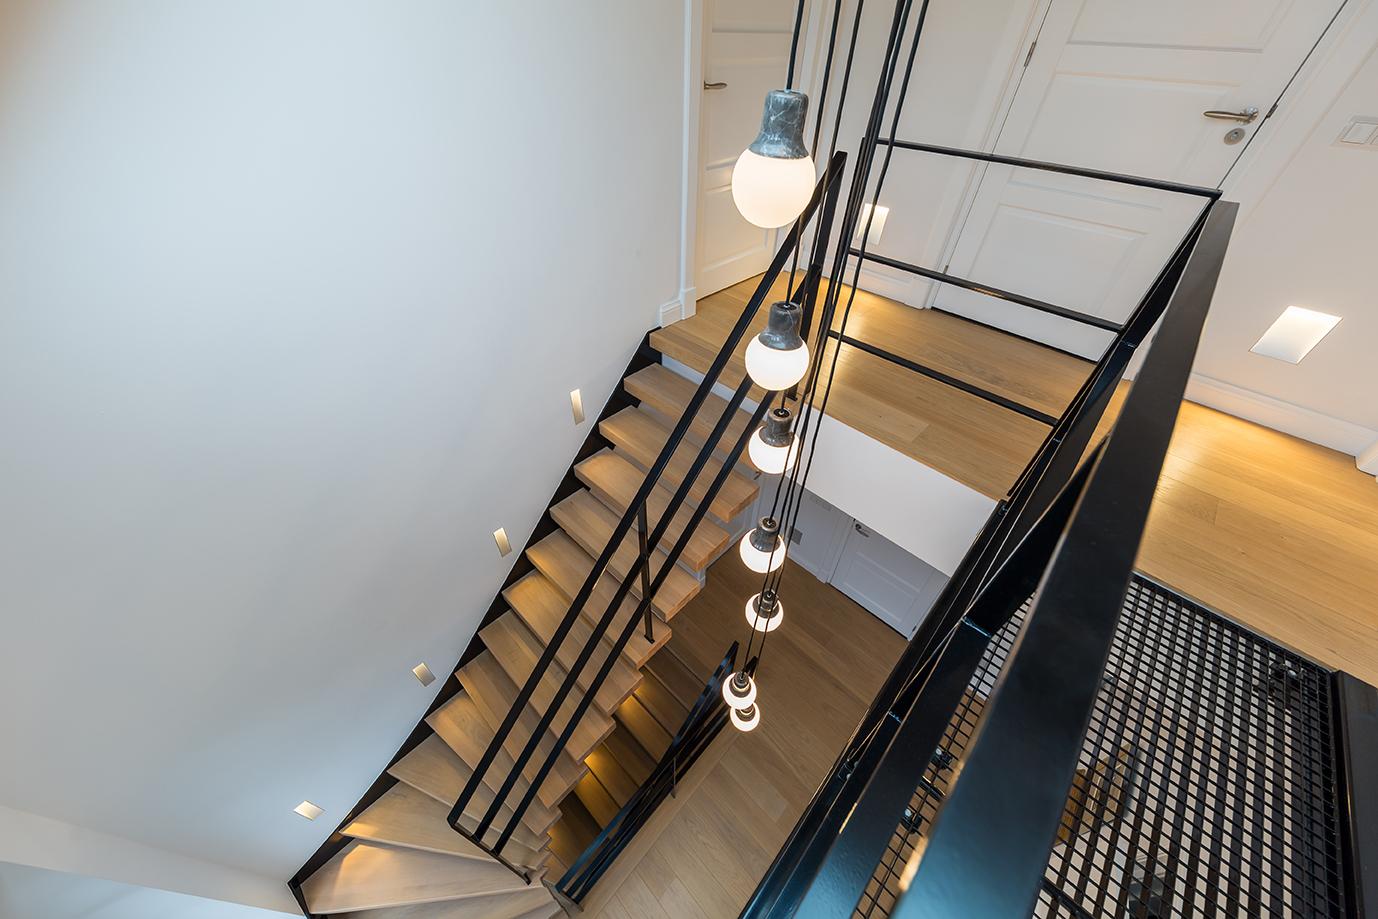 Rietveld interieurbouw aannemer inrichting ontwerp oudewater50